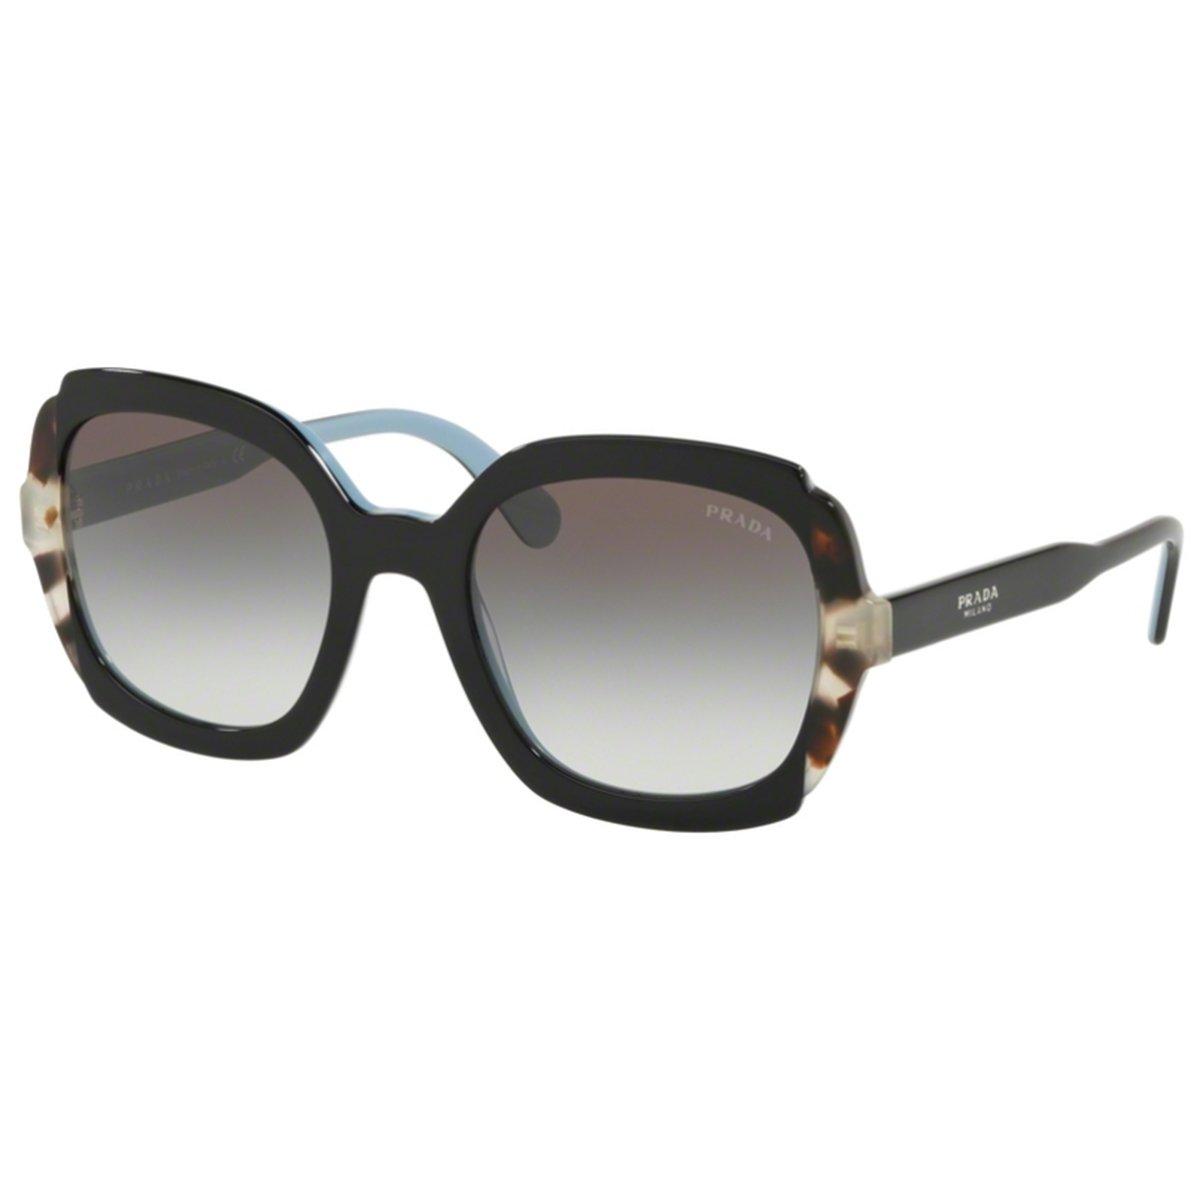 cd35038dc7f50 Compre Óculos de Sol Prada Heritage em 10X